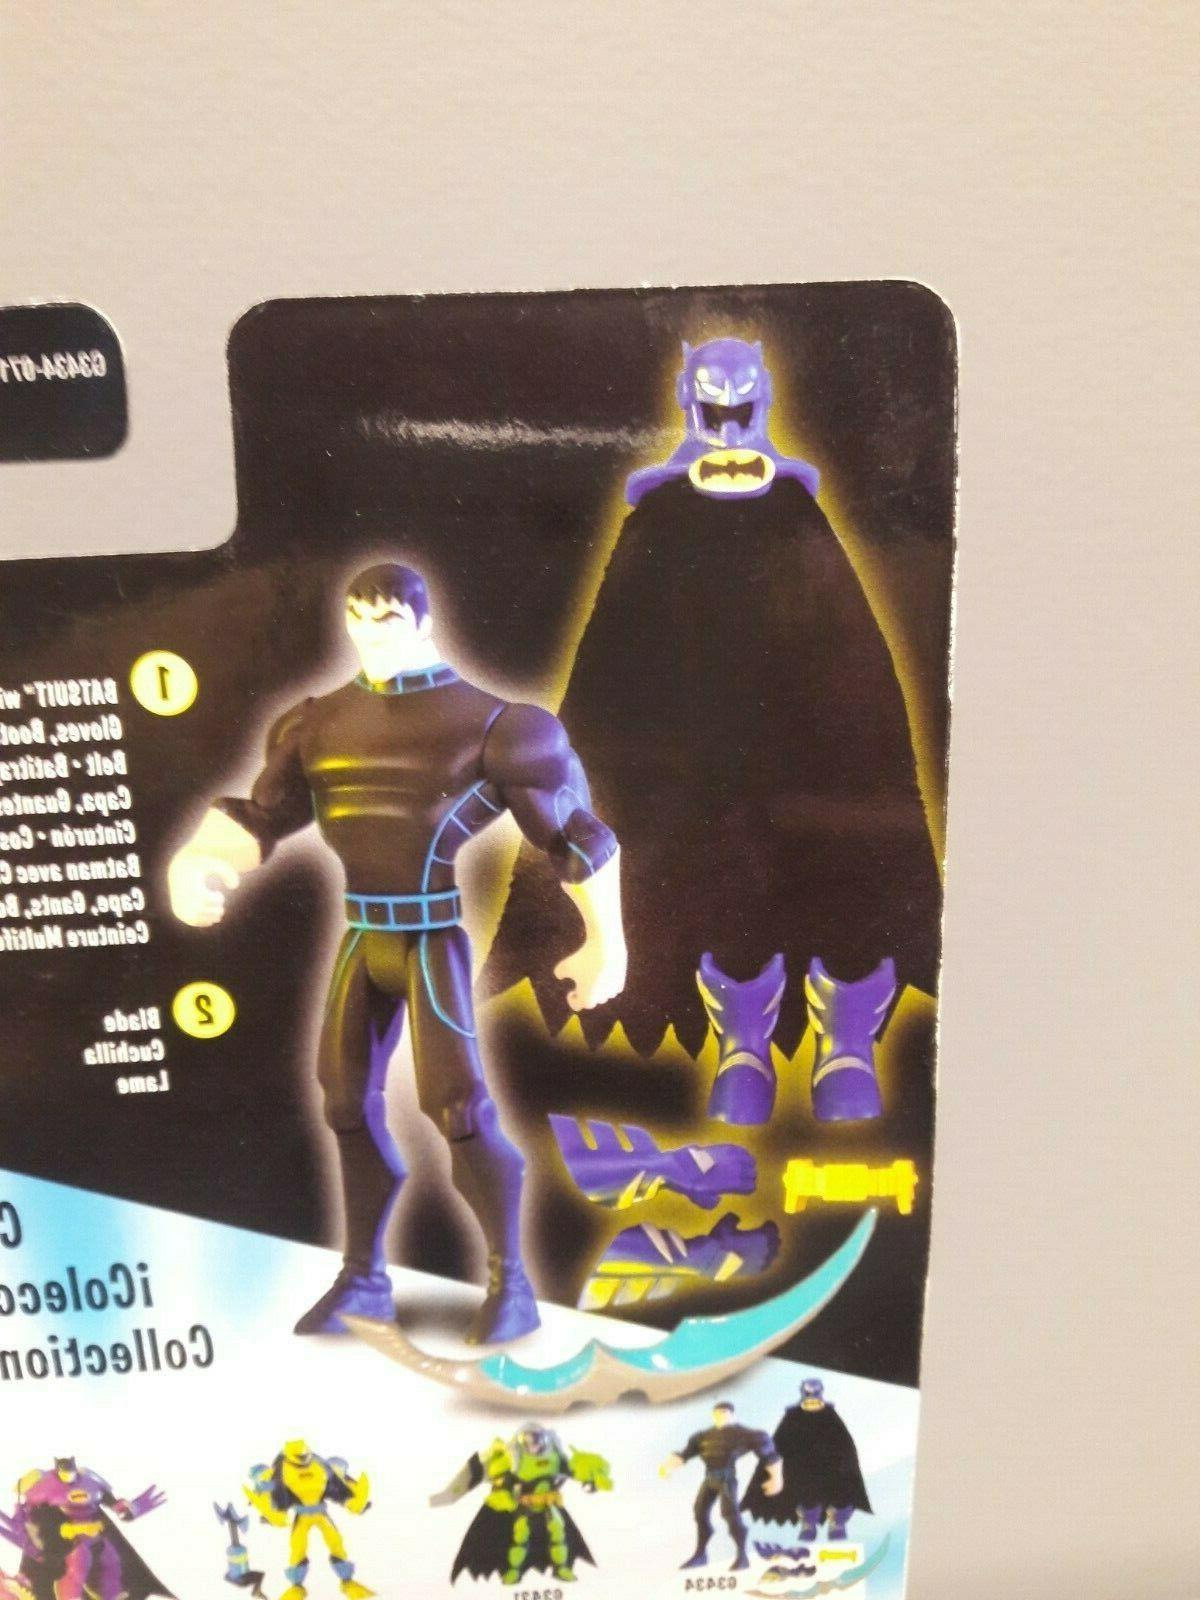 DC BATMAN SERIES BRUCE-TO-BATMAN ACTION FIGURE NEW